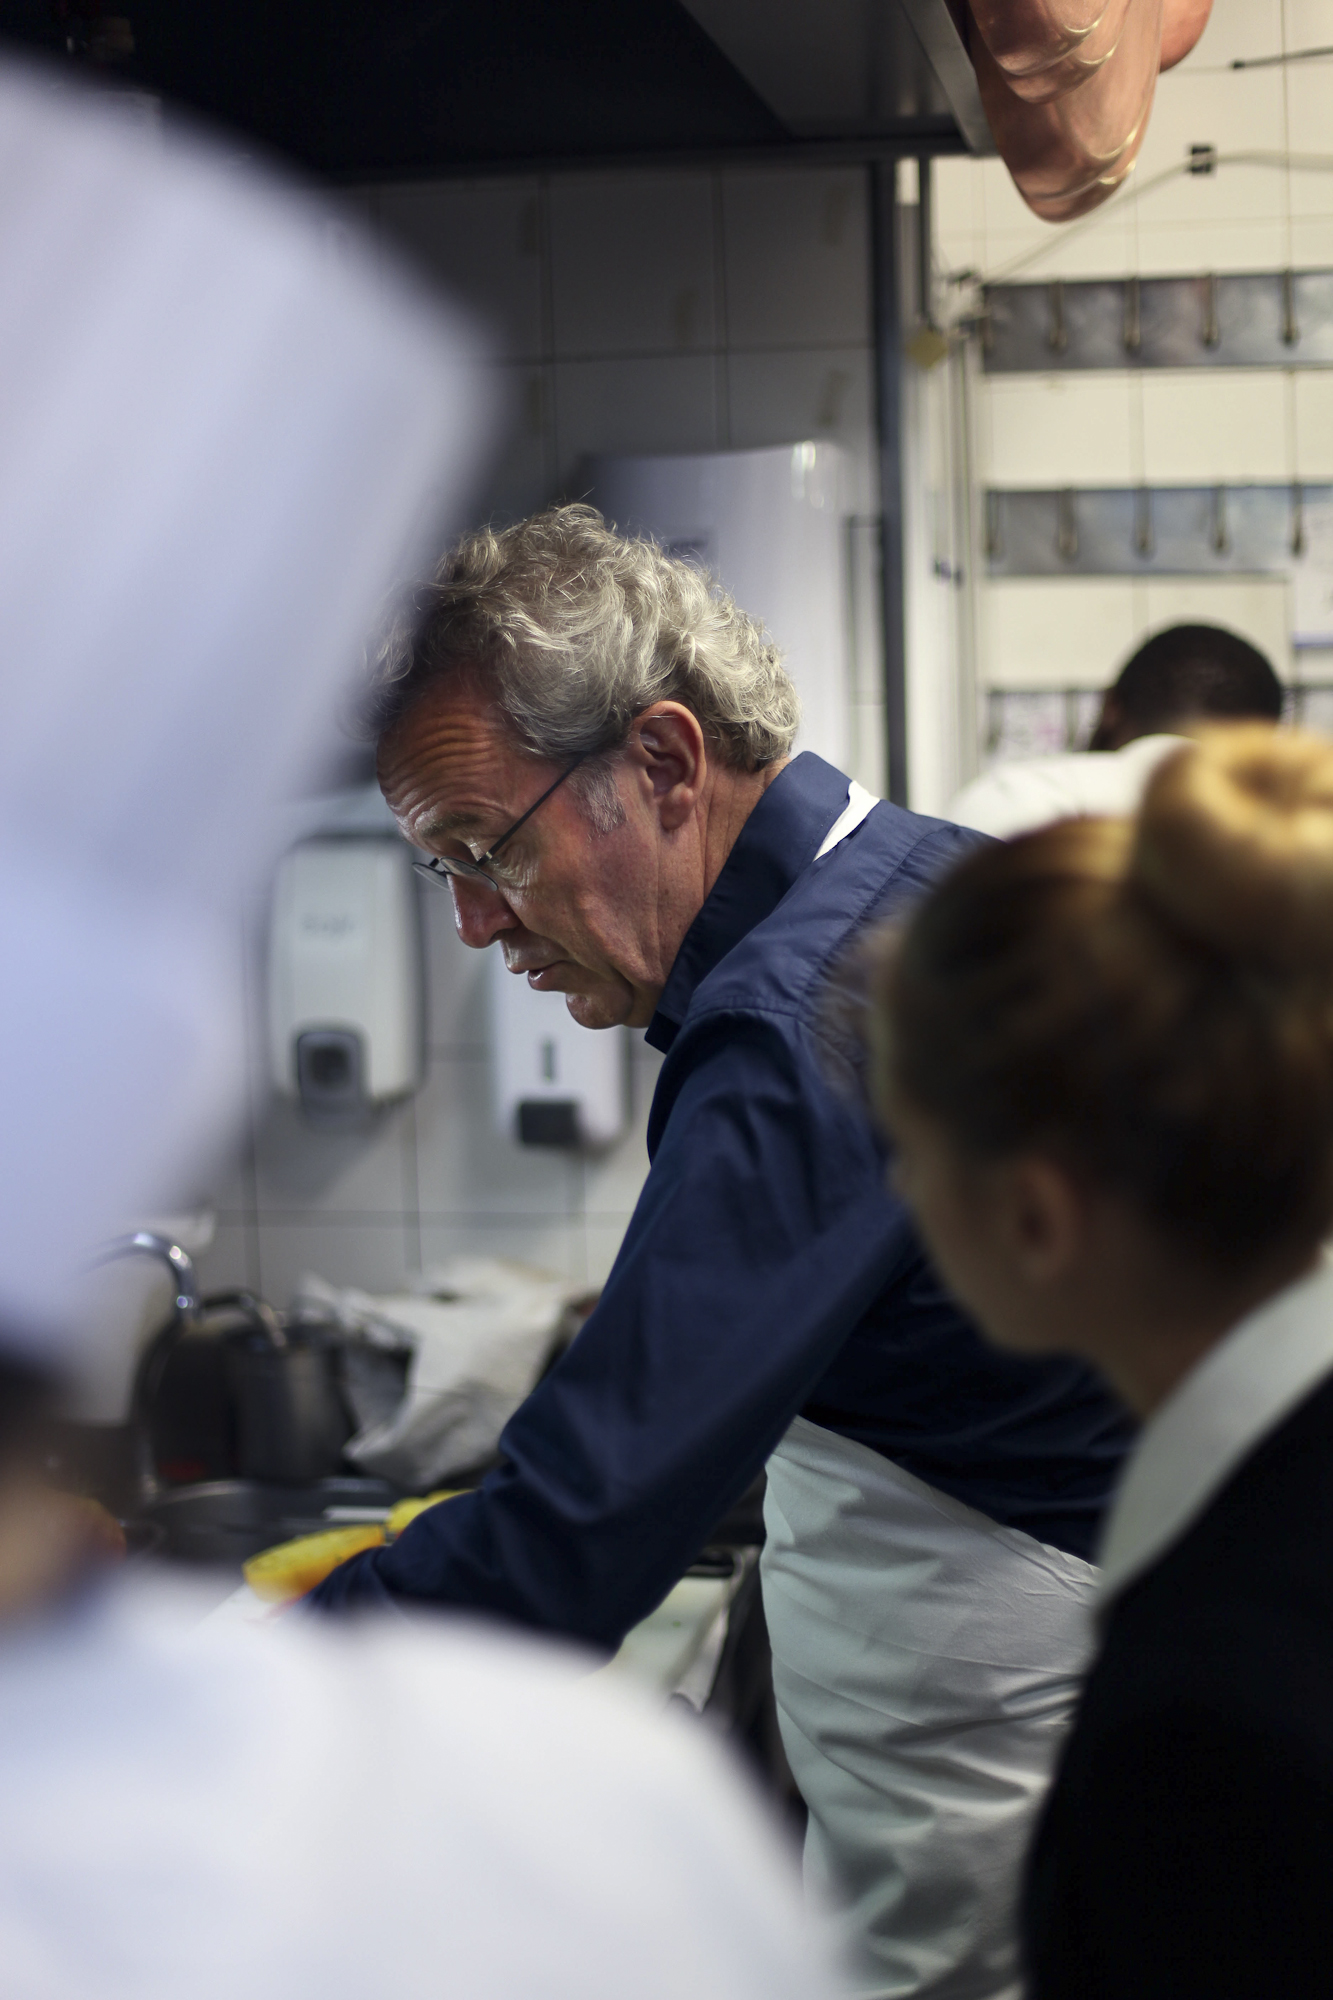 L'Arpege in Paris, Chef Alain Passard